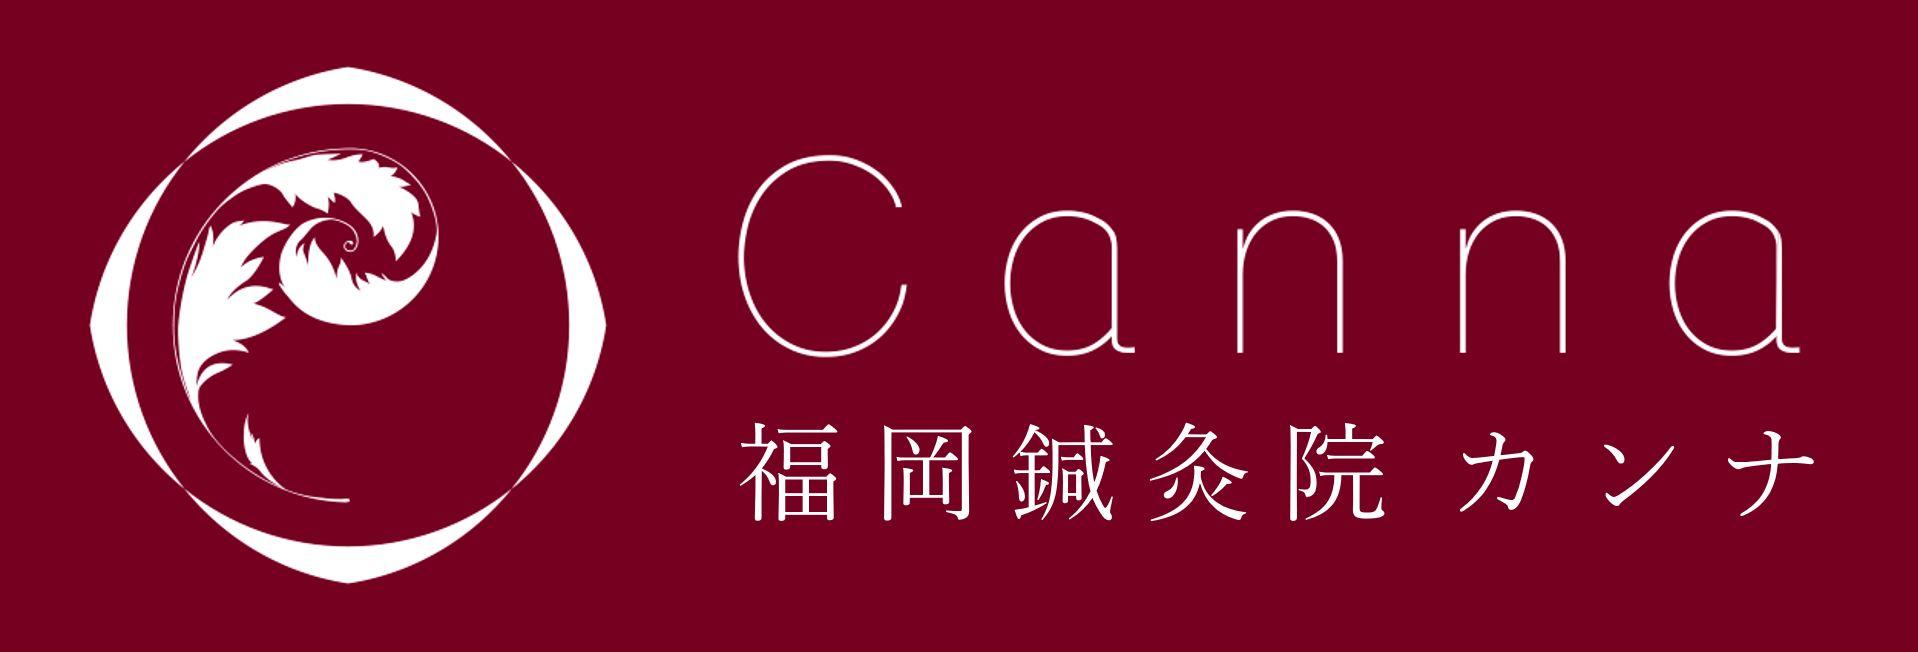 美容鍼灸Canna